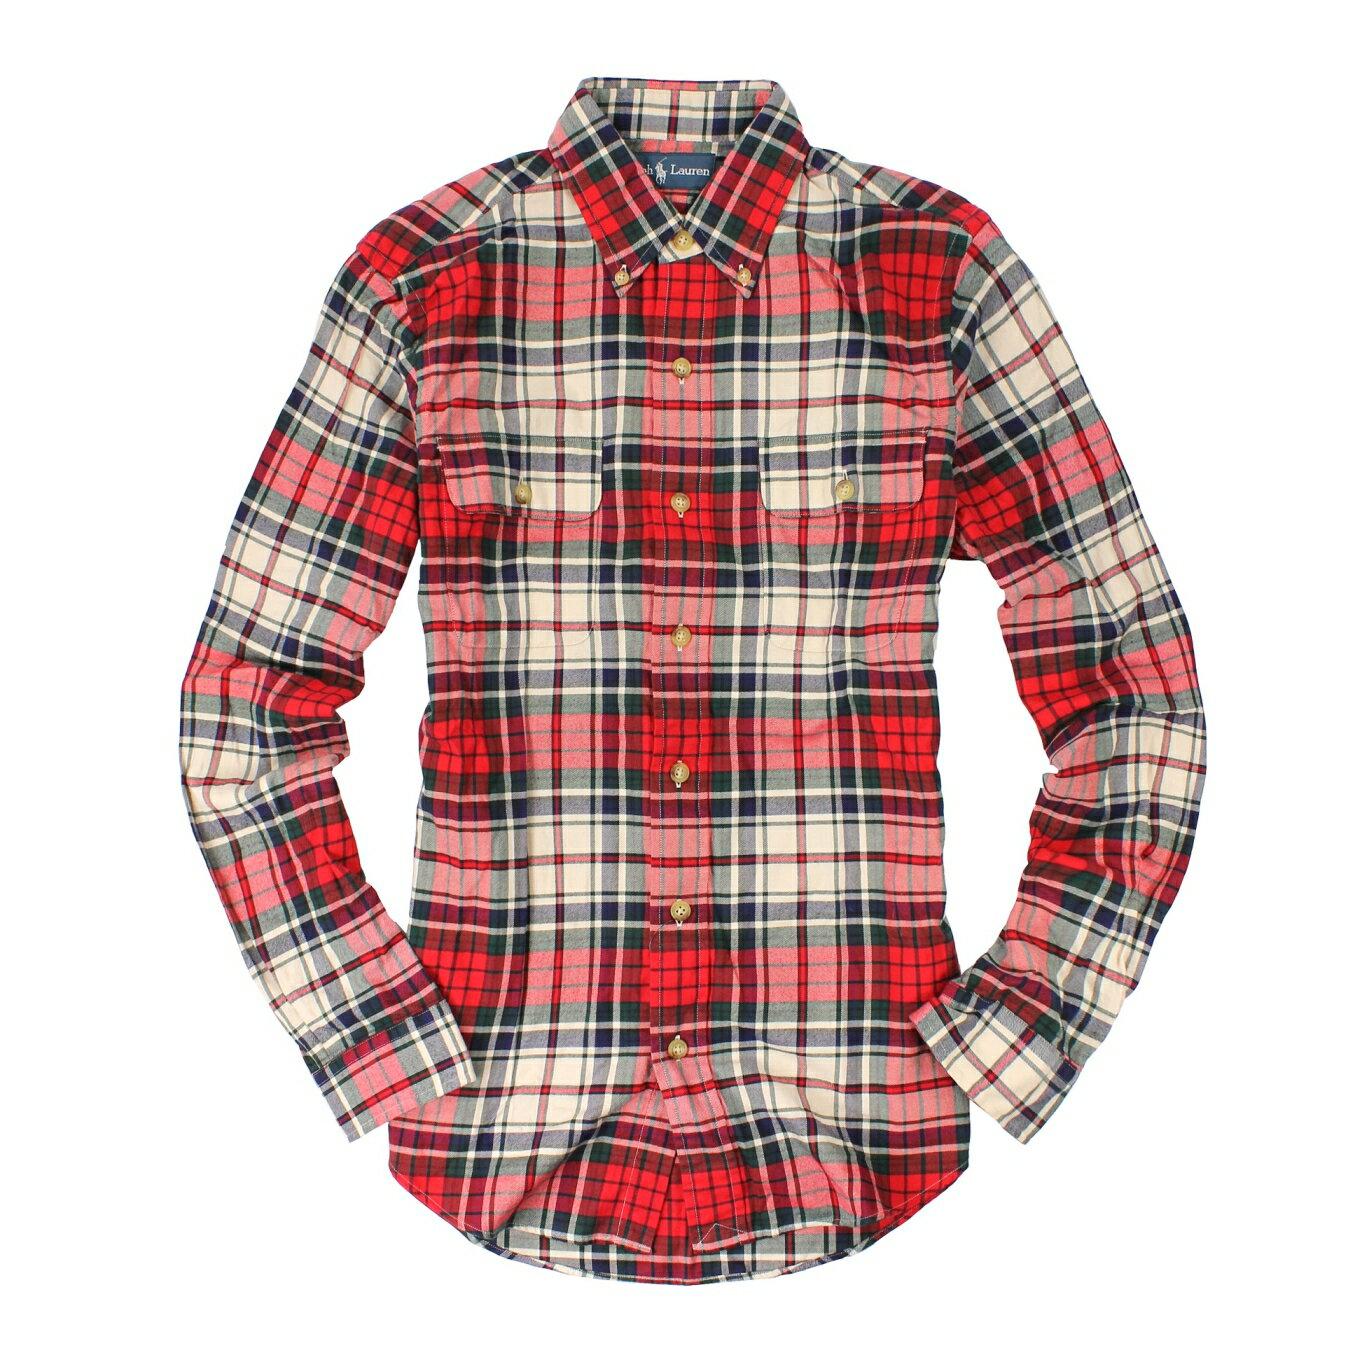 美國百分百【全新真品】Ralph Lauren 襯衫 RL 長袖 上衣 Polo 紅藍綠 格紋 雙口袋 柔軟 男 S L號